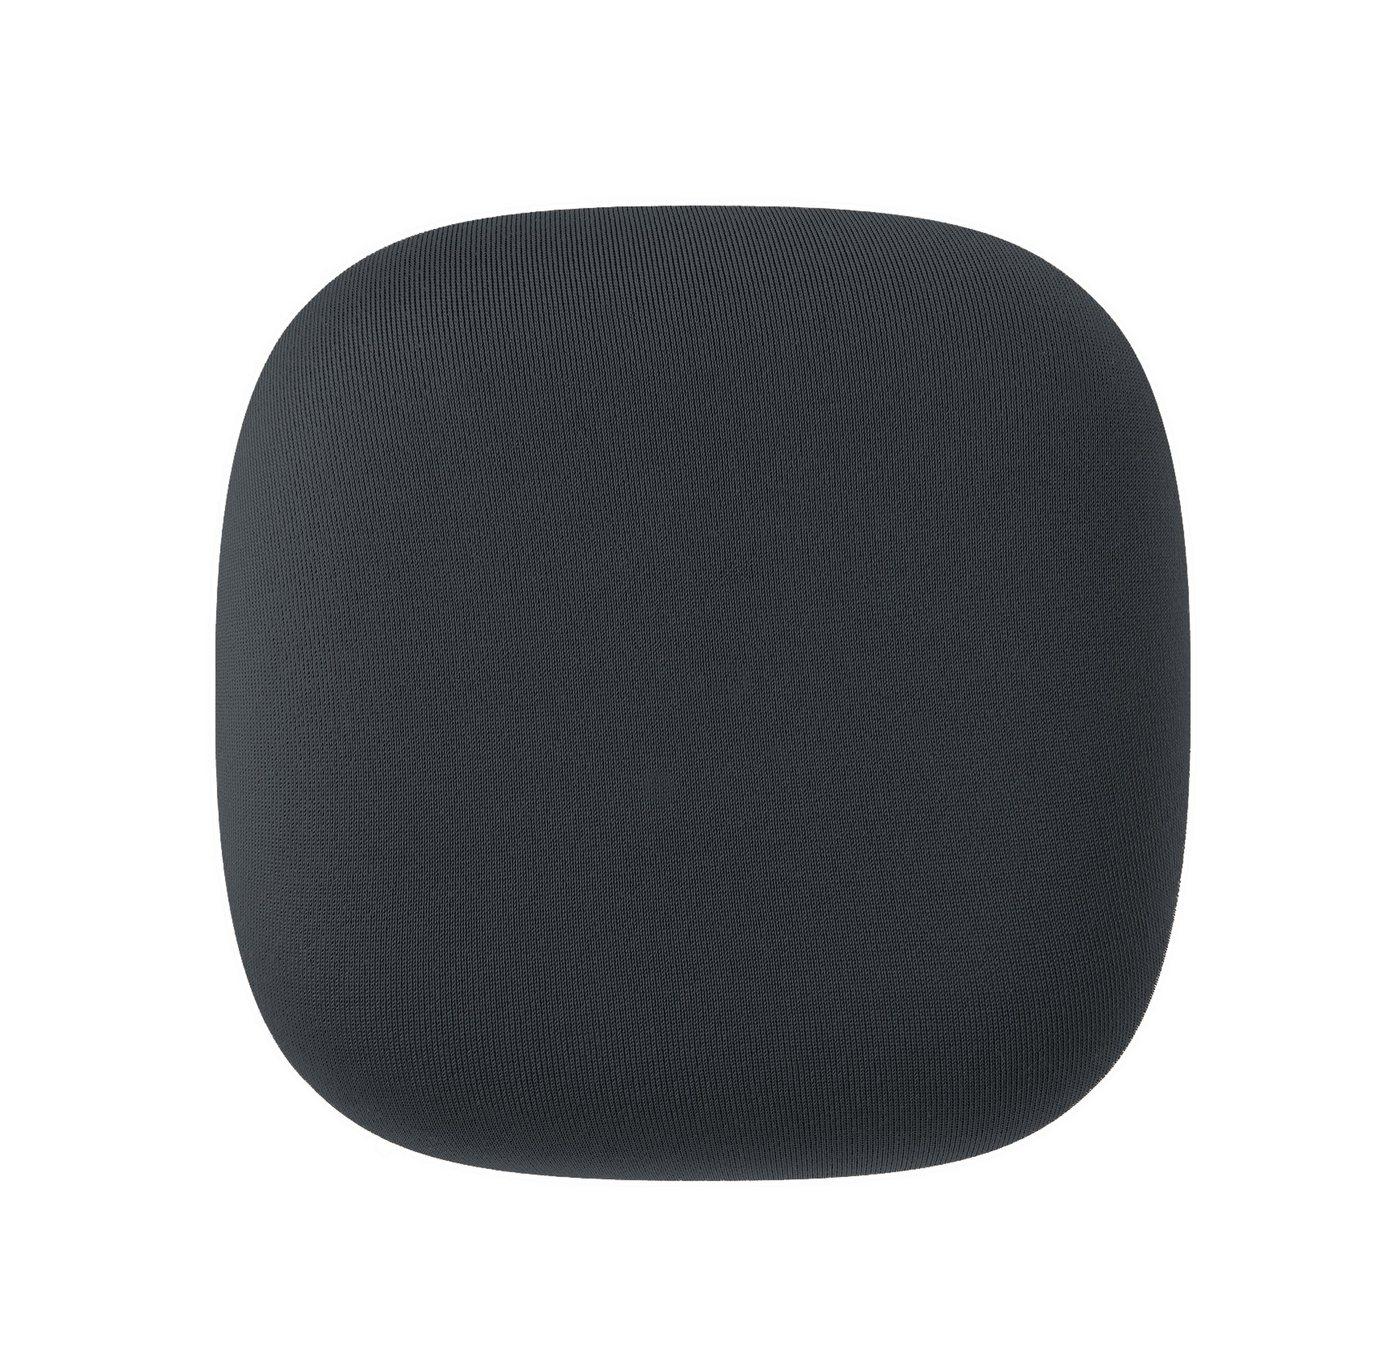 jalo helsinki rauchmelder. Black Bedroom Furniture Sets. Home Design Ideas